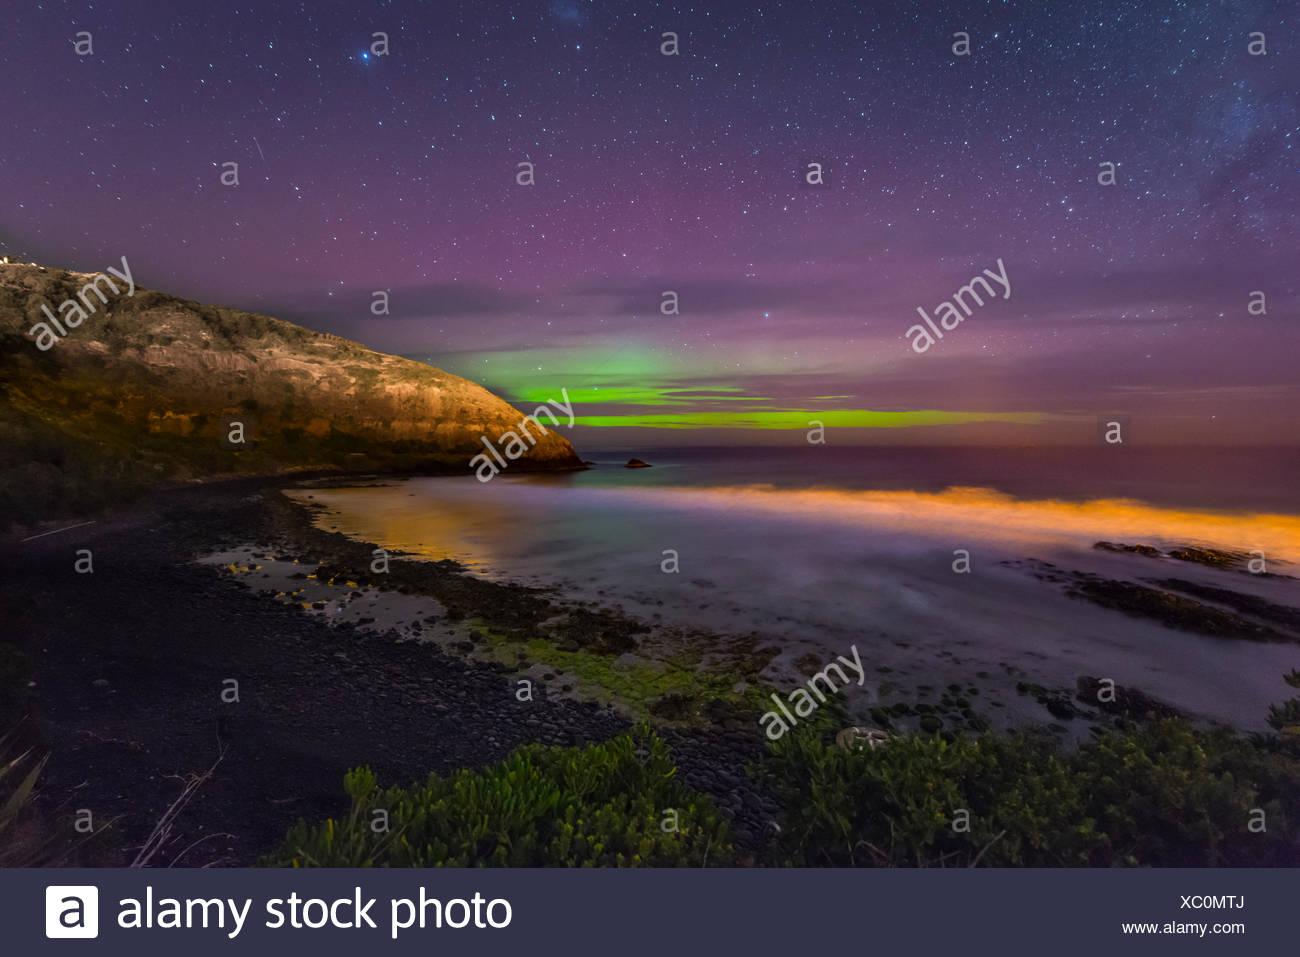 Lumières du sud, Aurora Australis sur la mer, les dunes de sable, deuxième plage, Dunedin, Otago, Nouvelle-Zélande, Southland Photo Stock